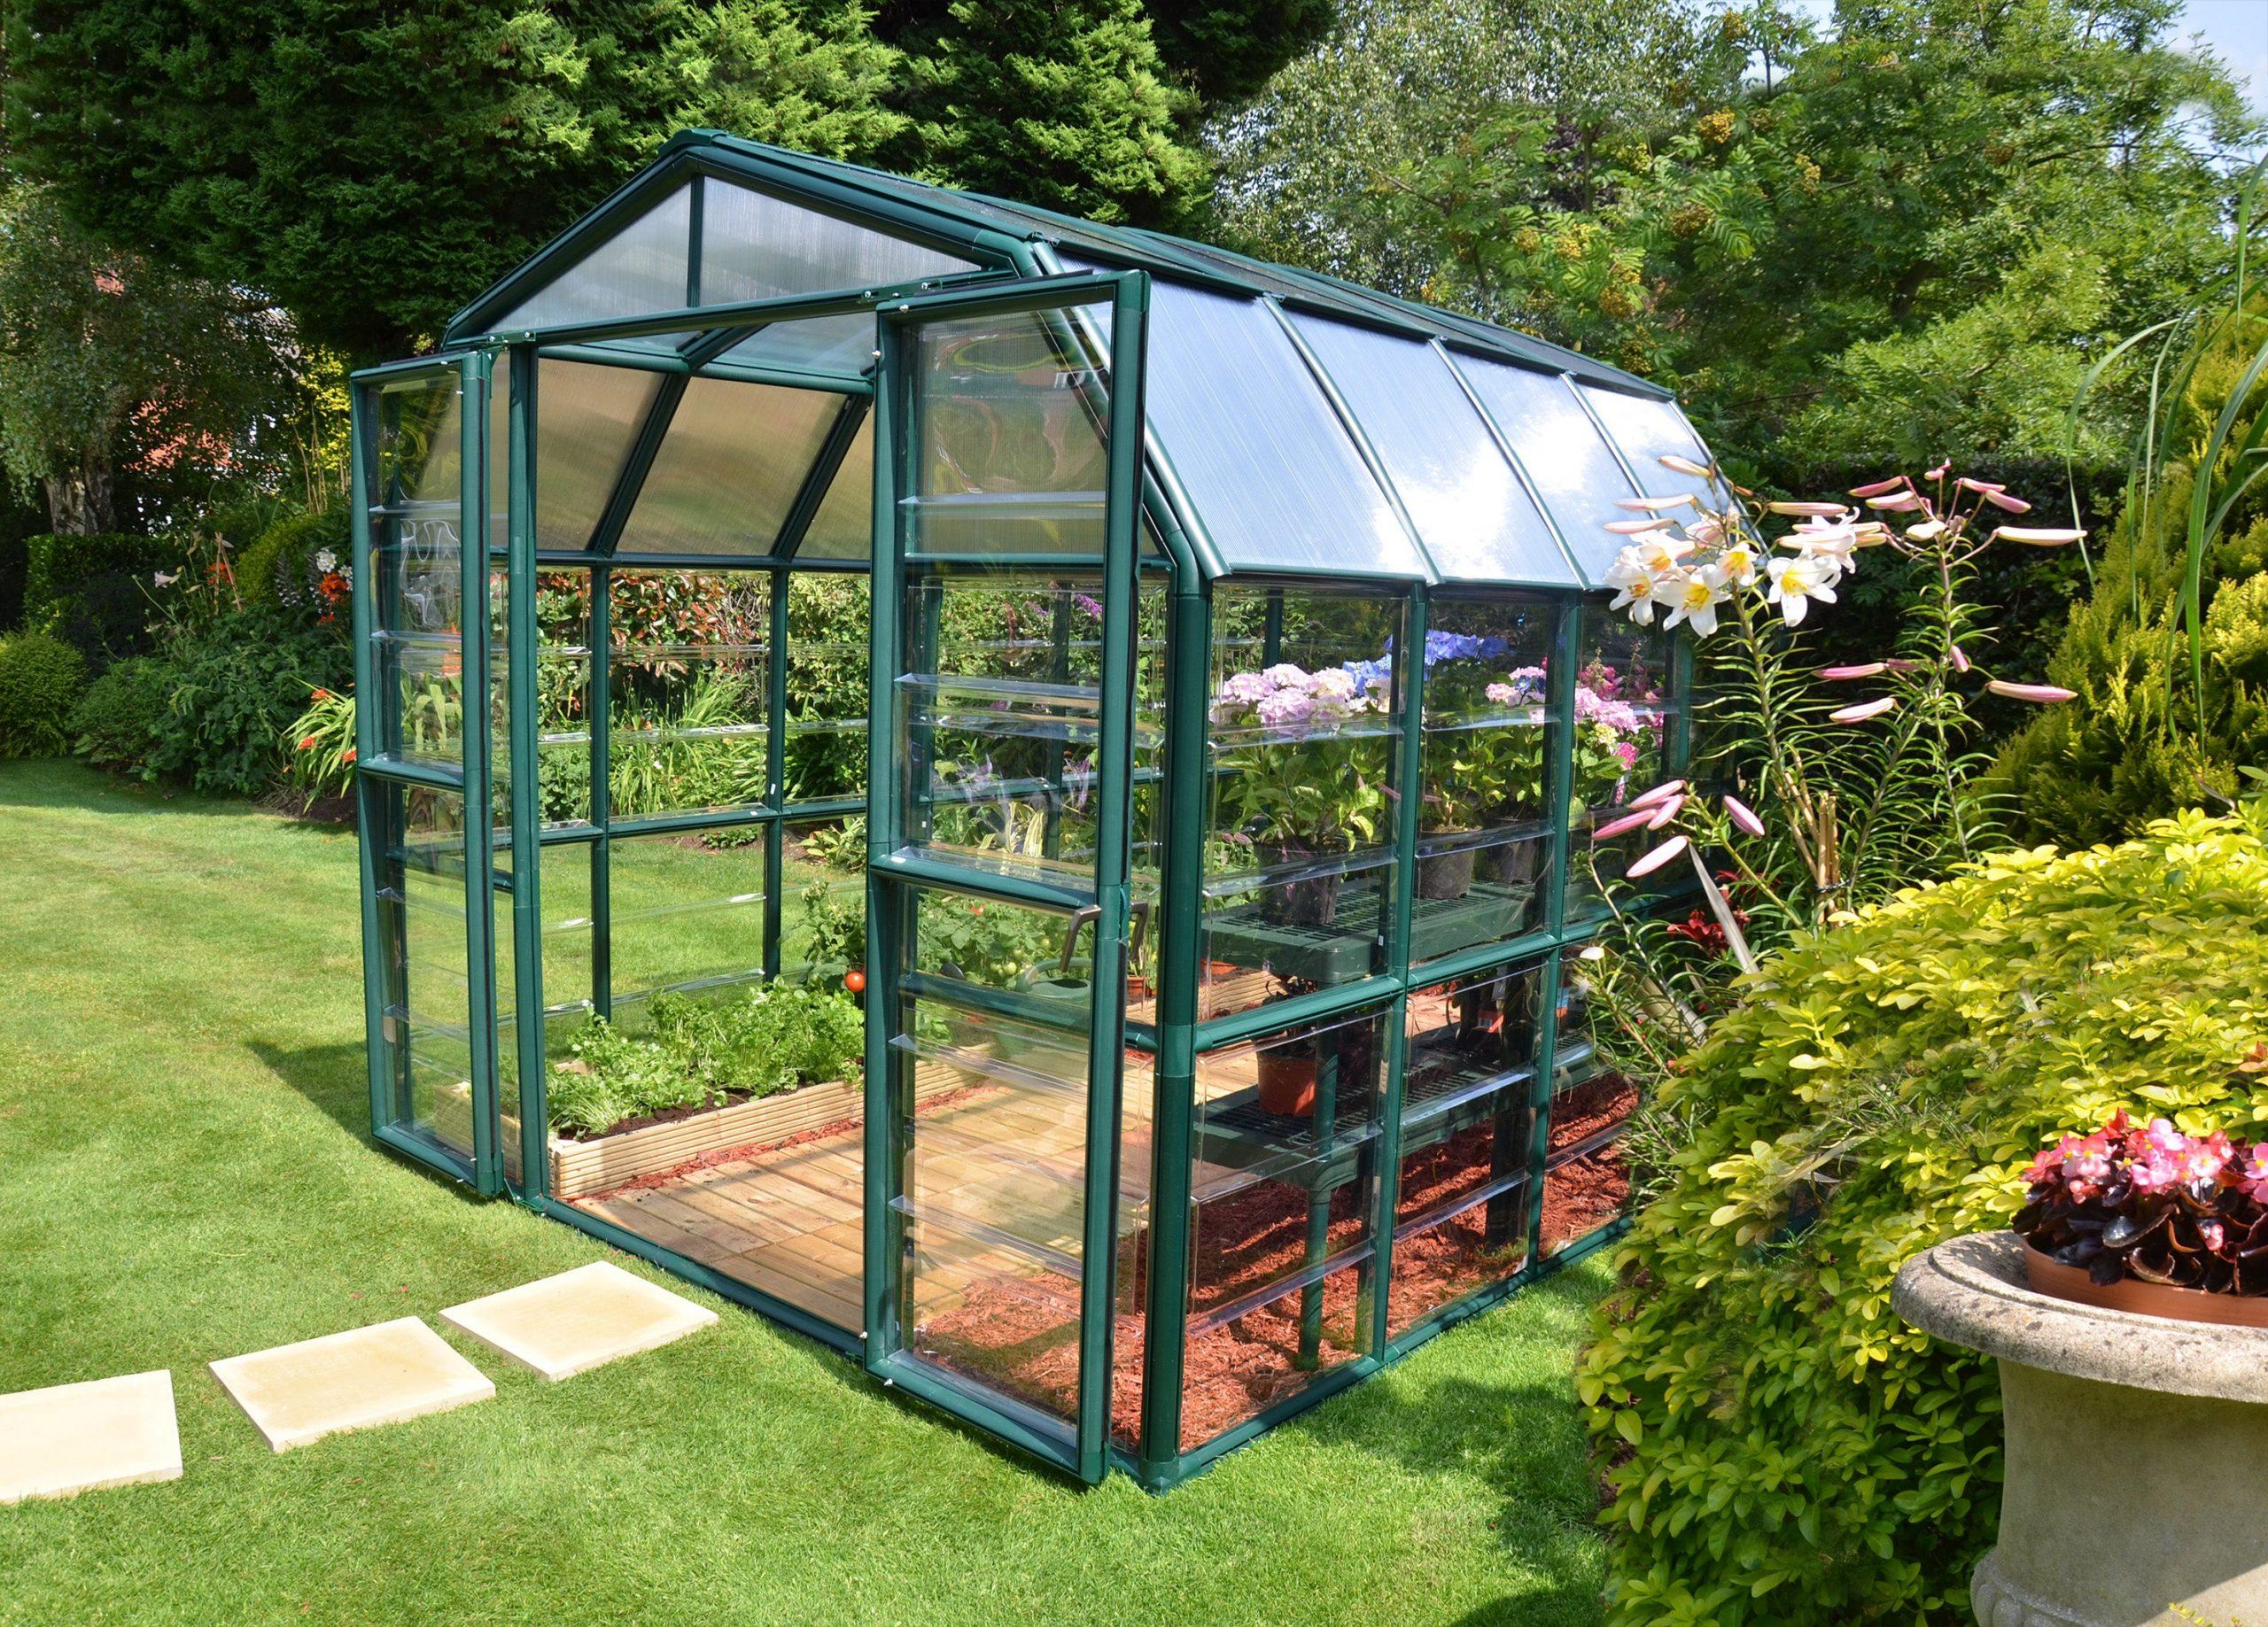 Serre De Jardin Grand Gardener 6.8 M², Aluminium Et Polycarbonate, Palram avec Leroy Merlin Serre De Jardin